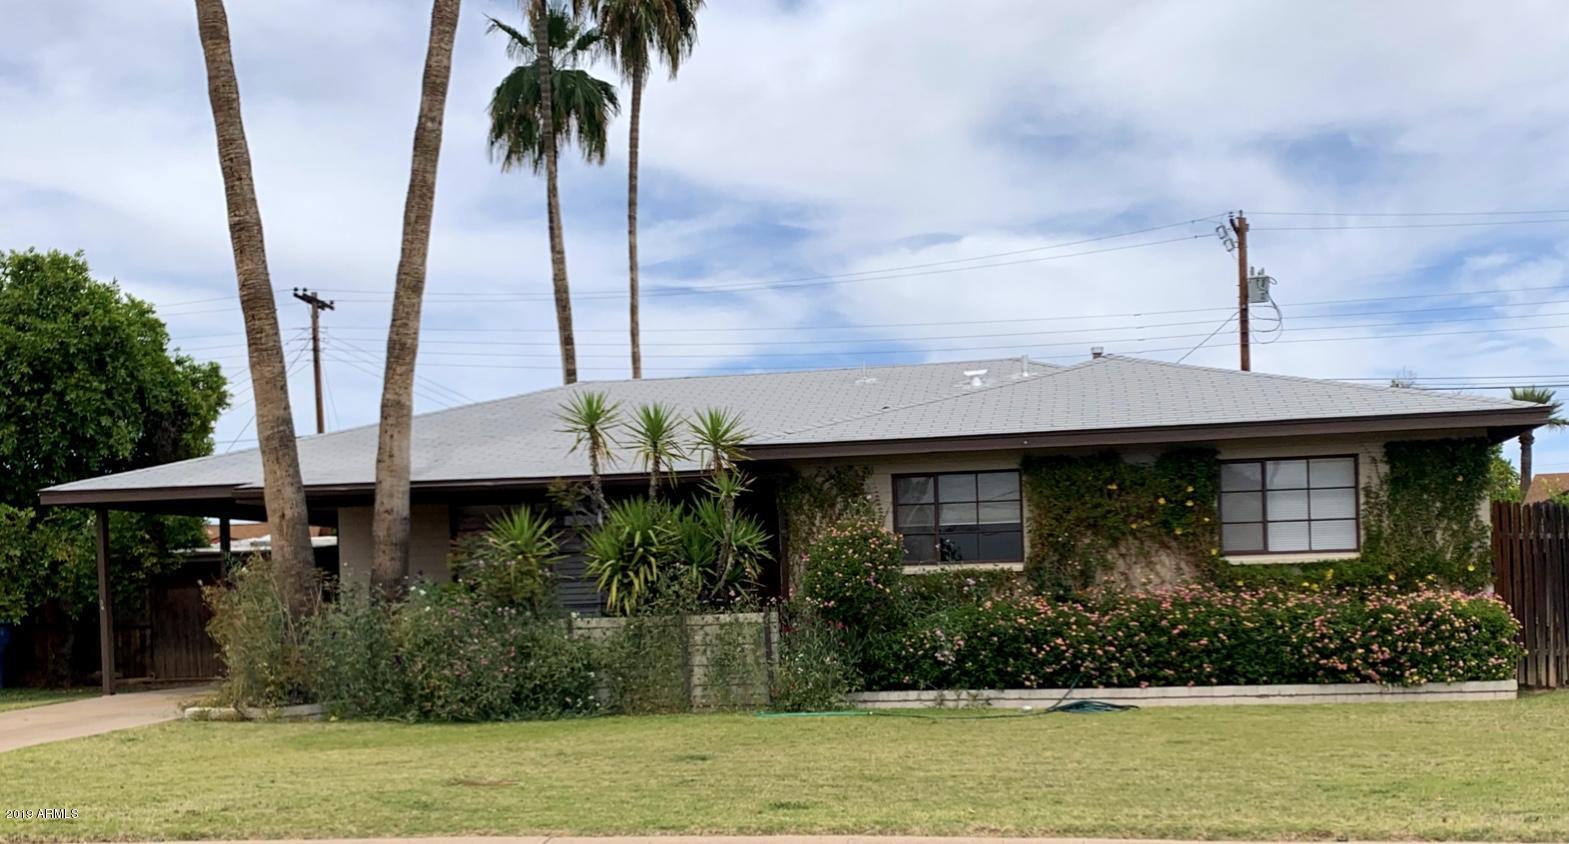 Photo for 2030 W Rancho Drive, Phoenix, AZ 85015 (MLS # 5911959)